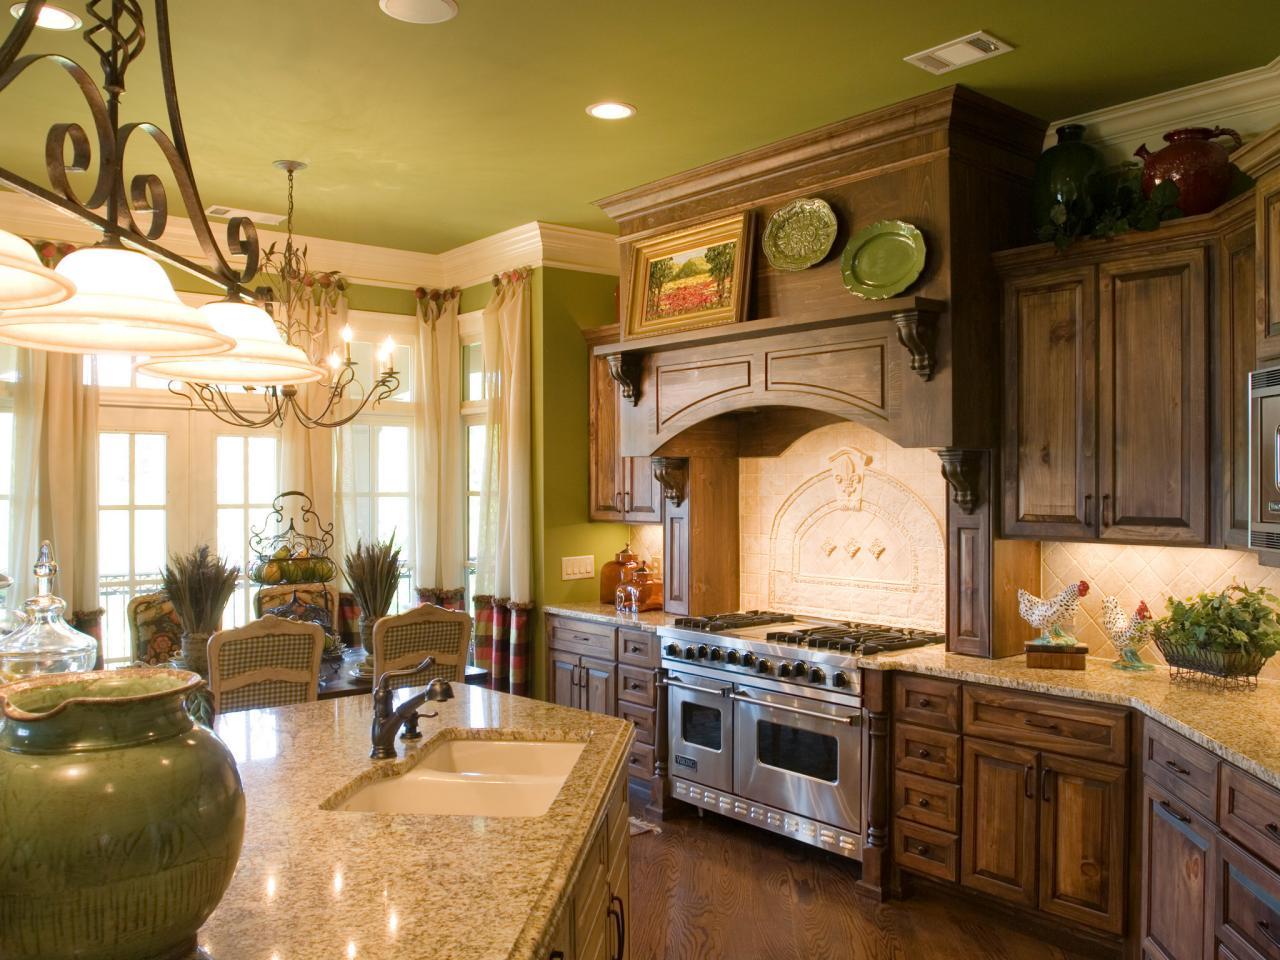 Modern und grün - tolle Küche im Landhausstil